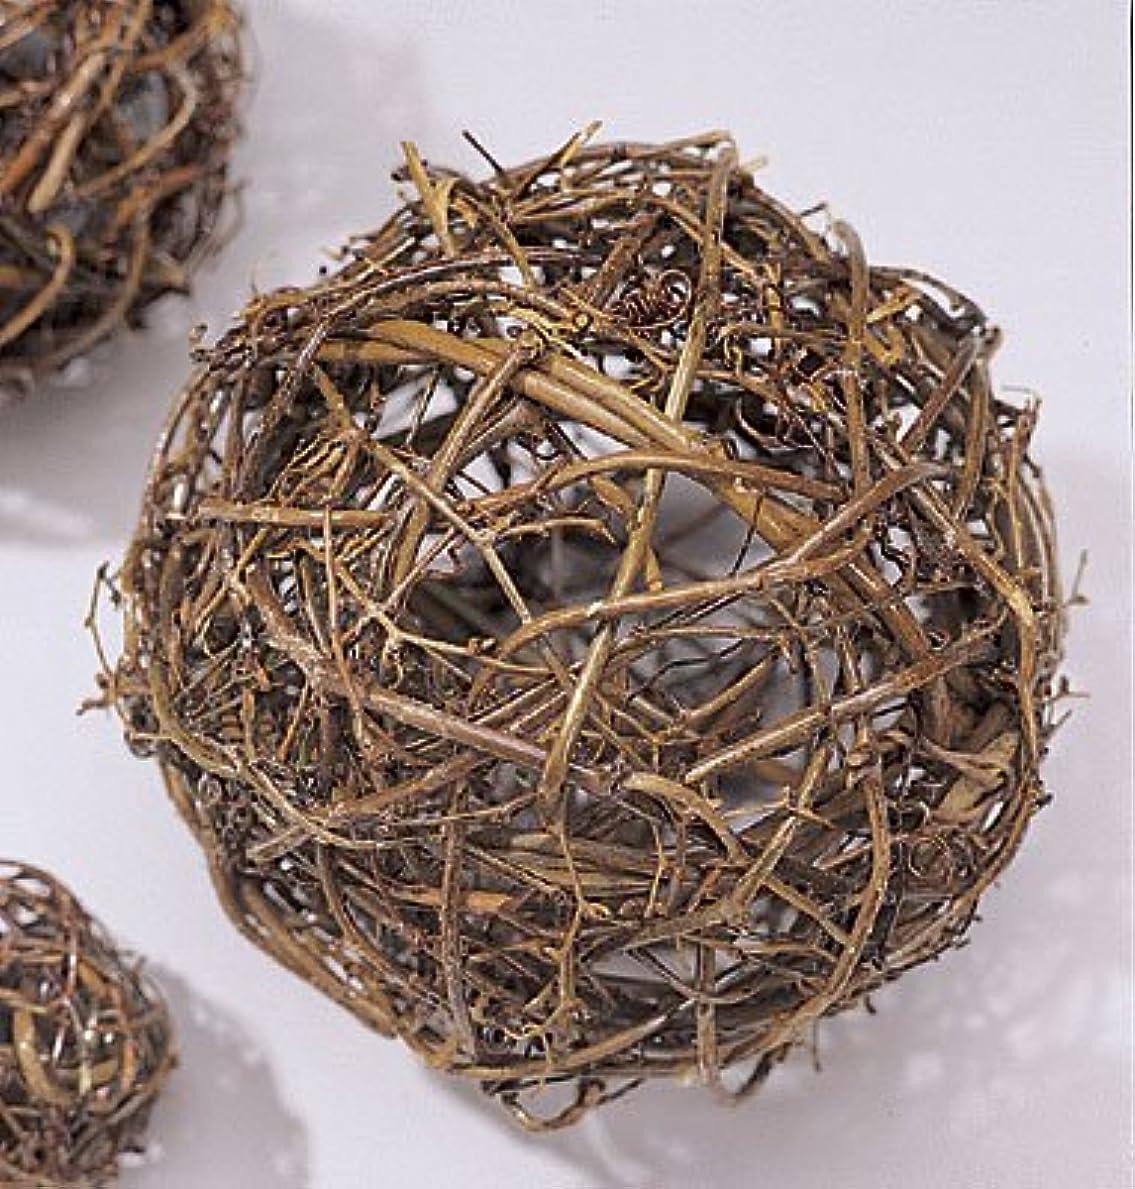 練習した正気構造自然Grapevineトピアリーボール6、8、10、12、16、18、24、30、36インチサイズワイヤフレーム Single 30 inch ball